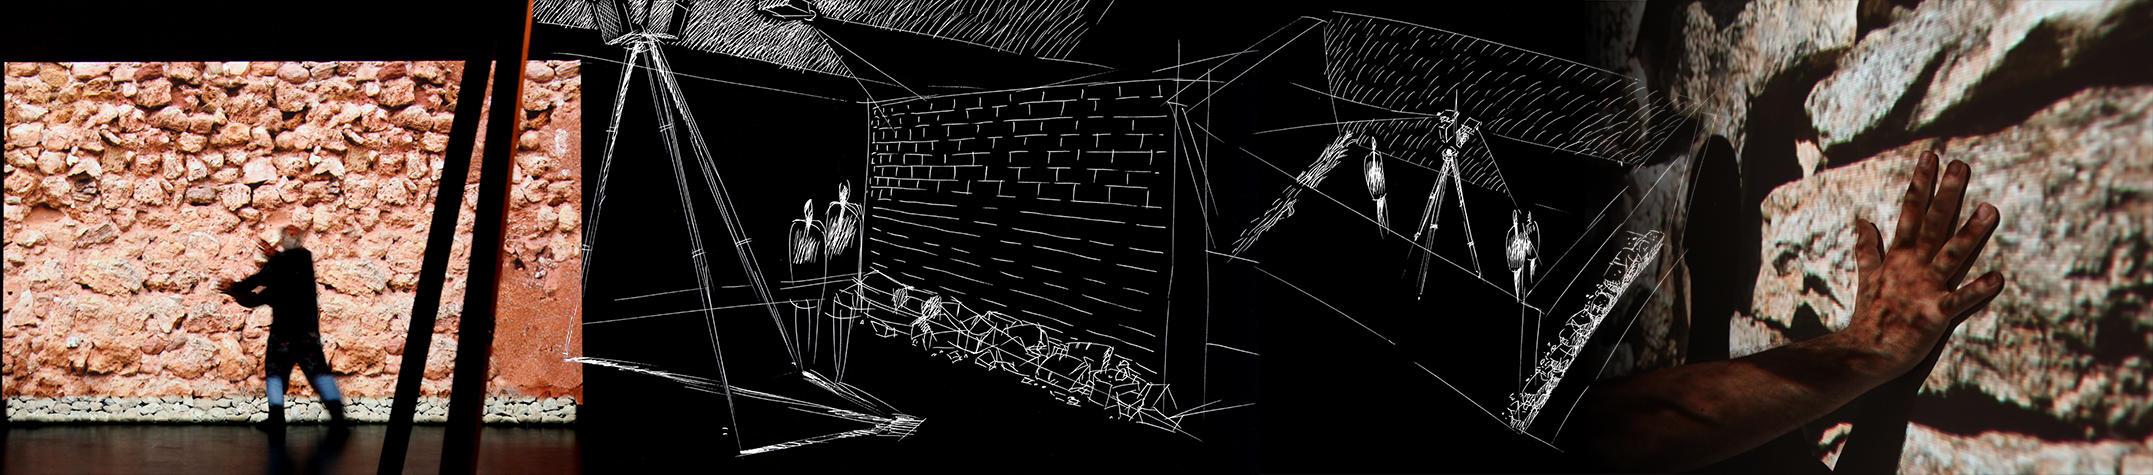 Progetto per le pareti interattive di Rivelazioni Mediterraneo a Madrid, di Studio Azzurro